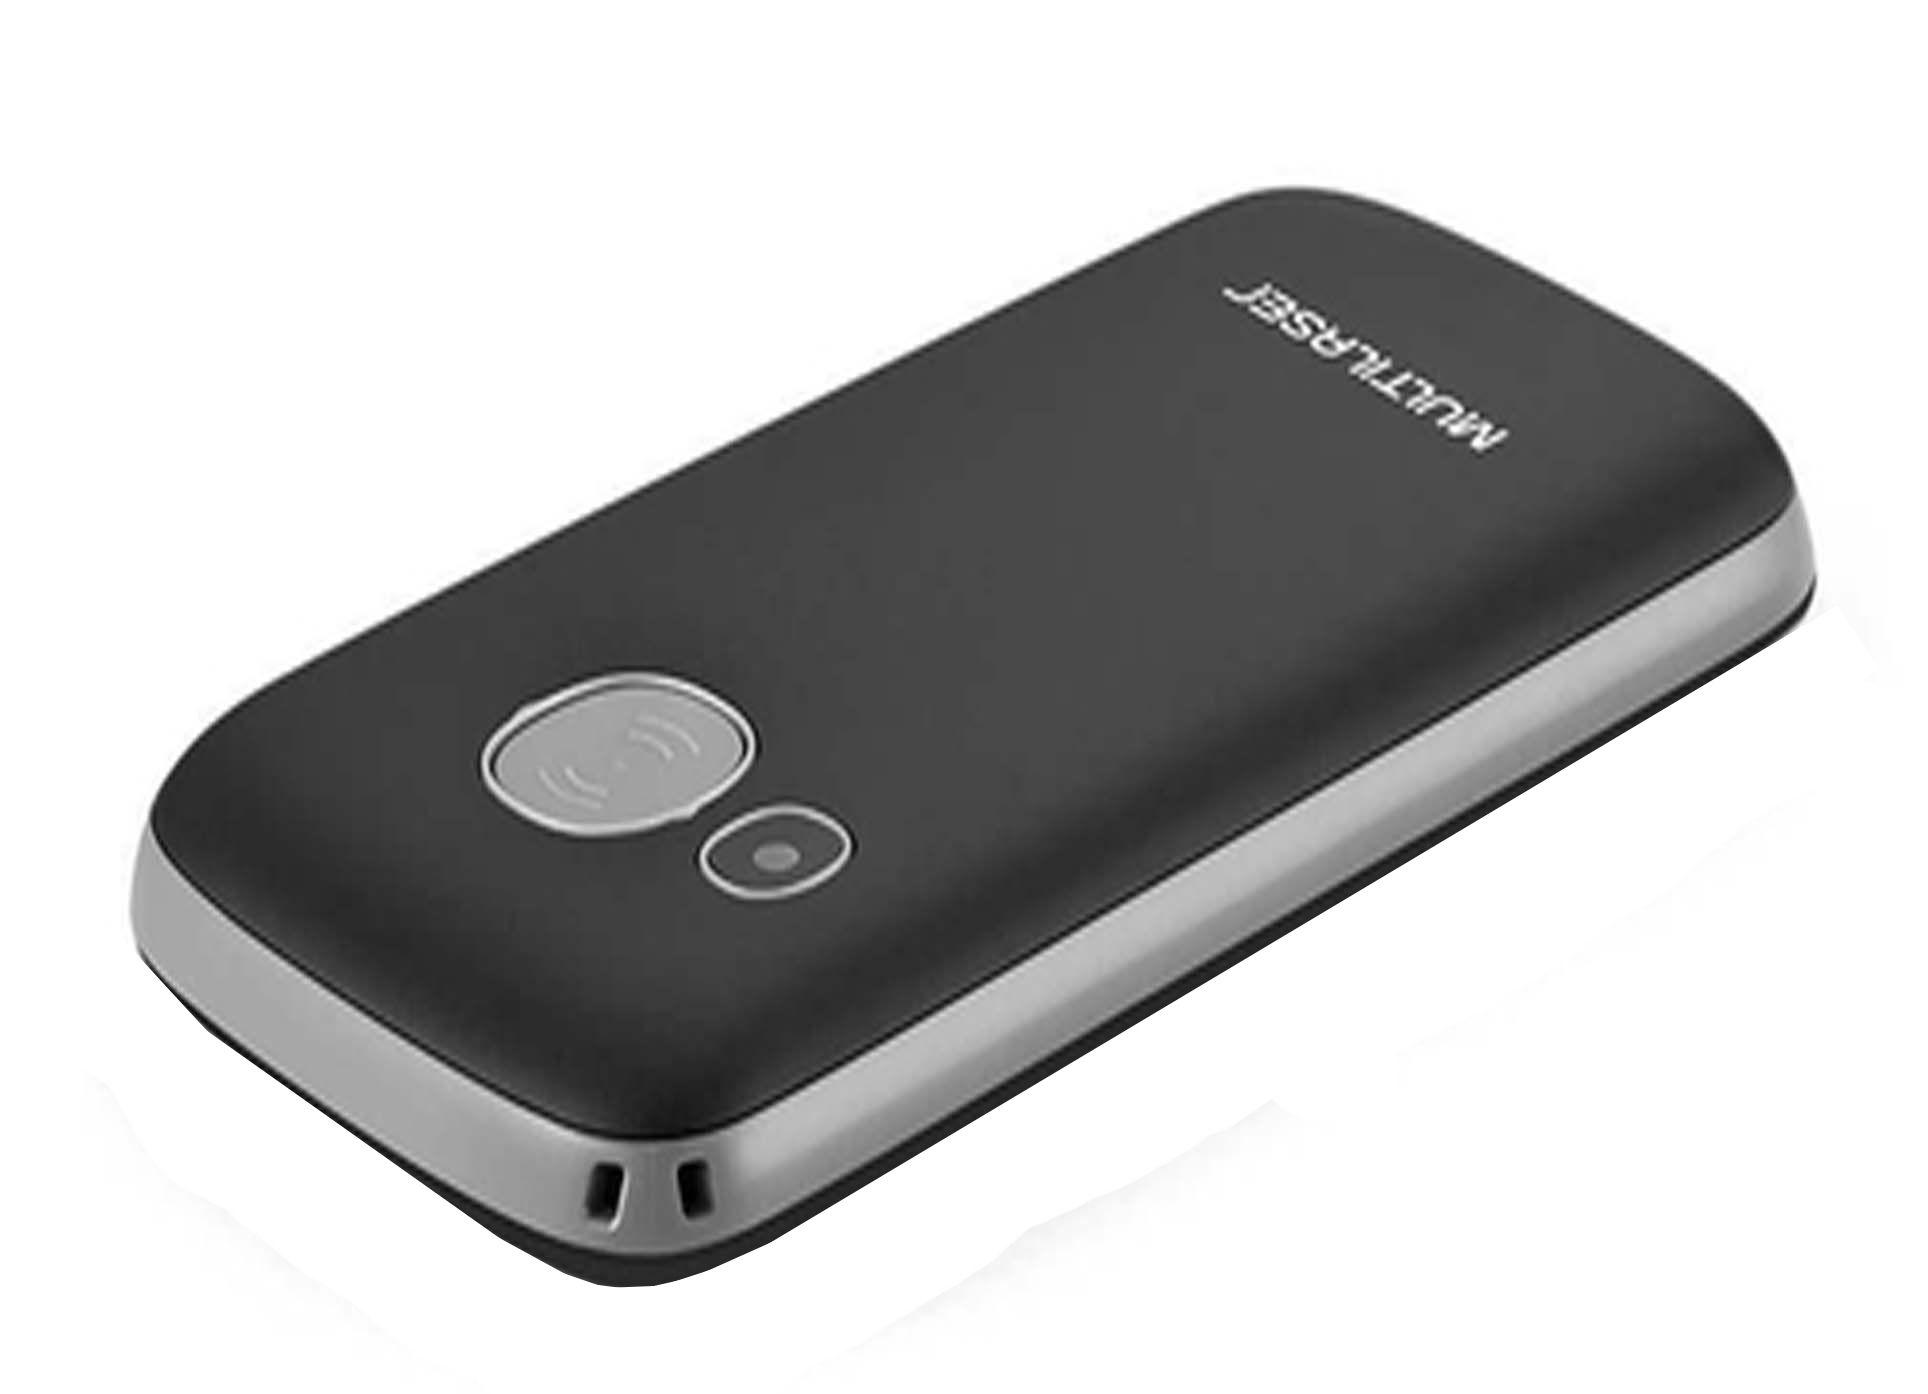 Telefone Celular Preto Vita 3G Dual Chip USB e Bluetooth Tela 1,8 Pol. + Base Carregadora Preto Multilaser P9091